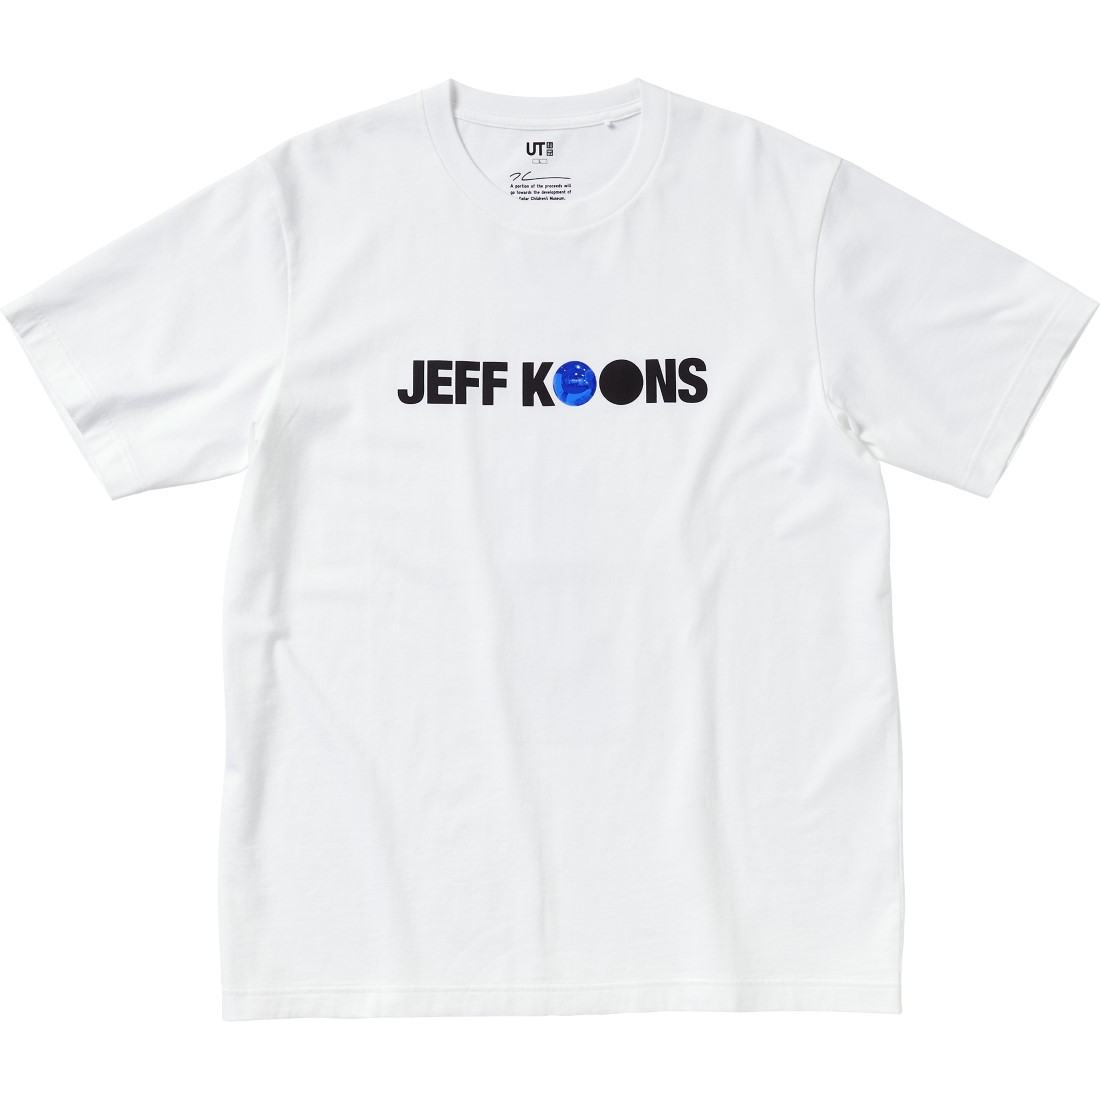 UNIQLO x Jeff Koons